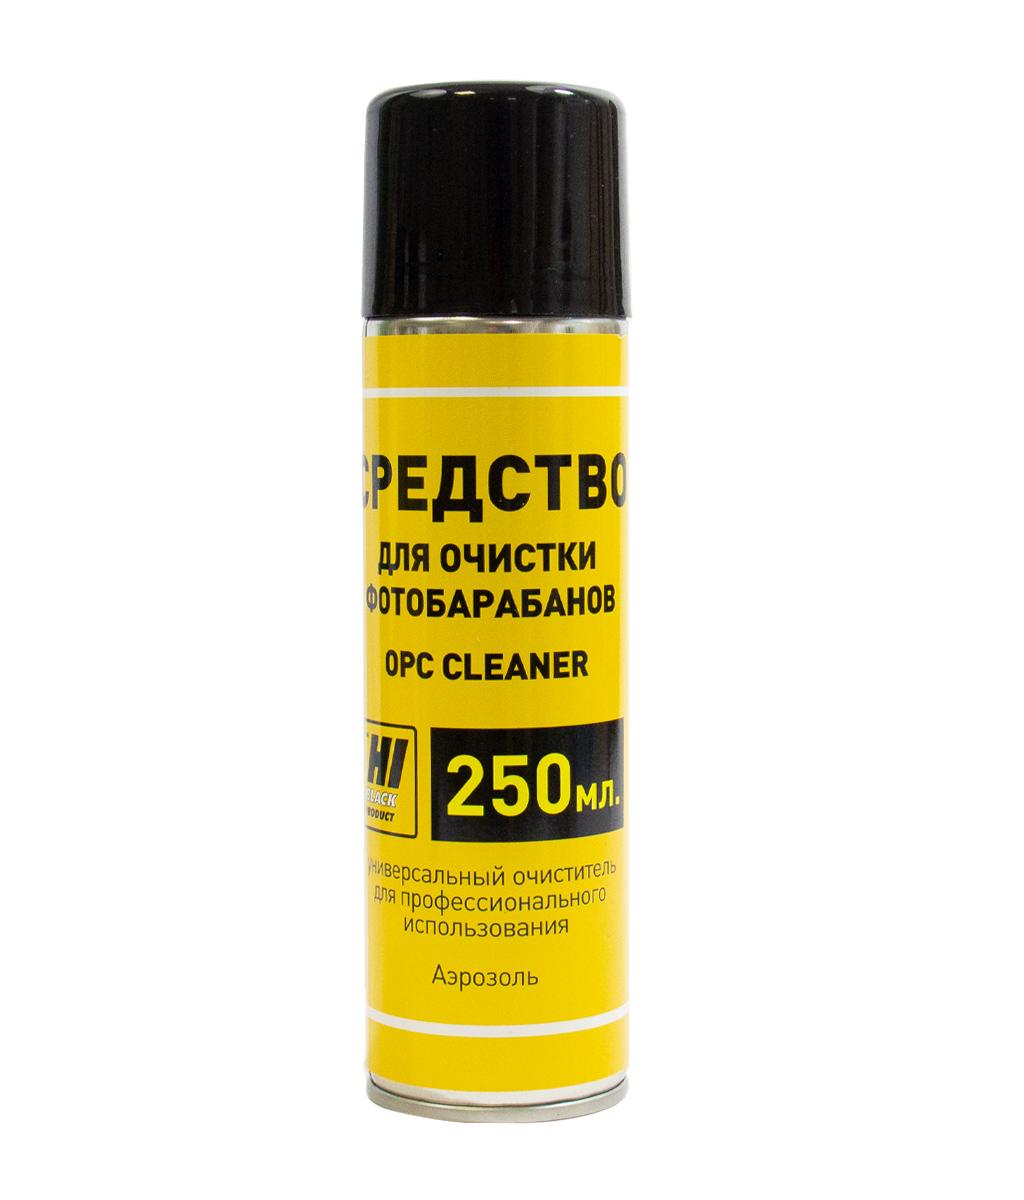 Средство Hi-Black для очистки фотобарабанов (ОРС Drum Cleaner), аэрозоль 250 мл